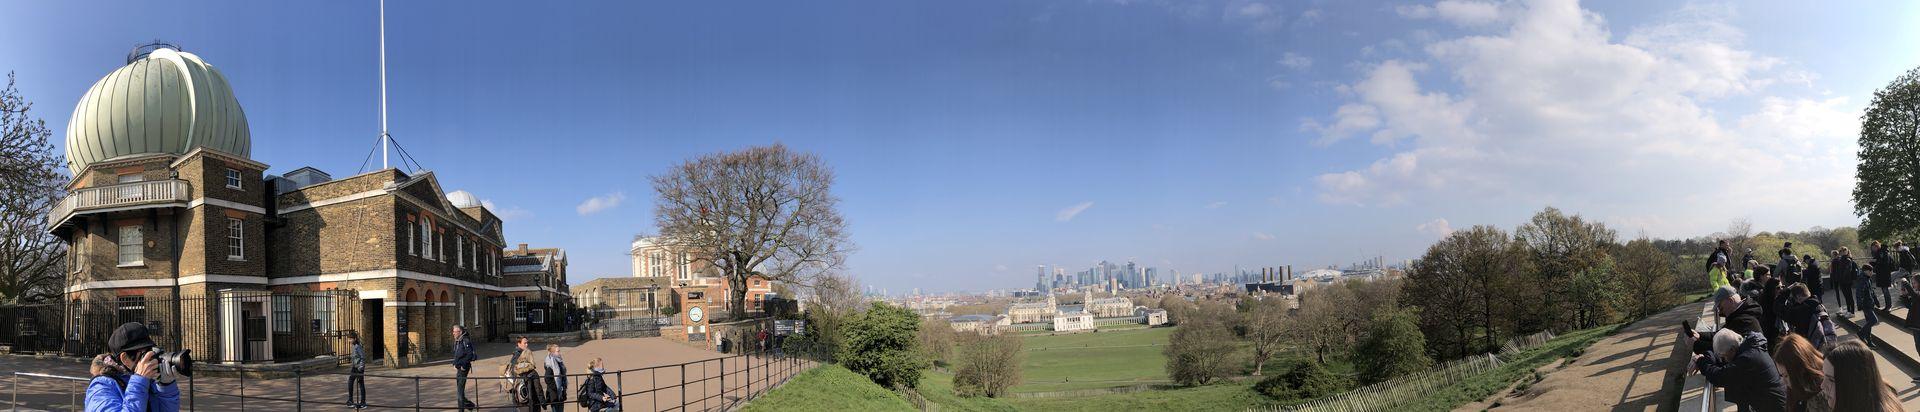 """Nur wenige Minuten von der """"Cutty Sark"""" entfernt beginnt der Greenwich Park mit dem berühmten Royal Observatory, durch das der Nullmeridian verläuft."""